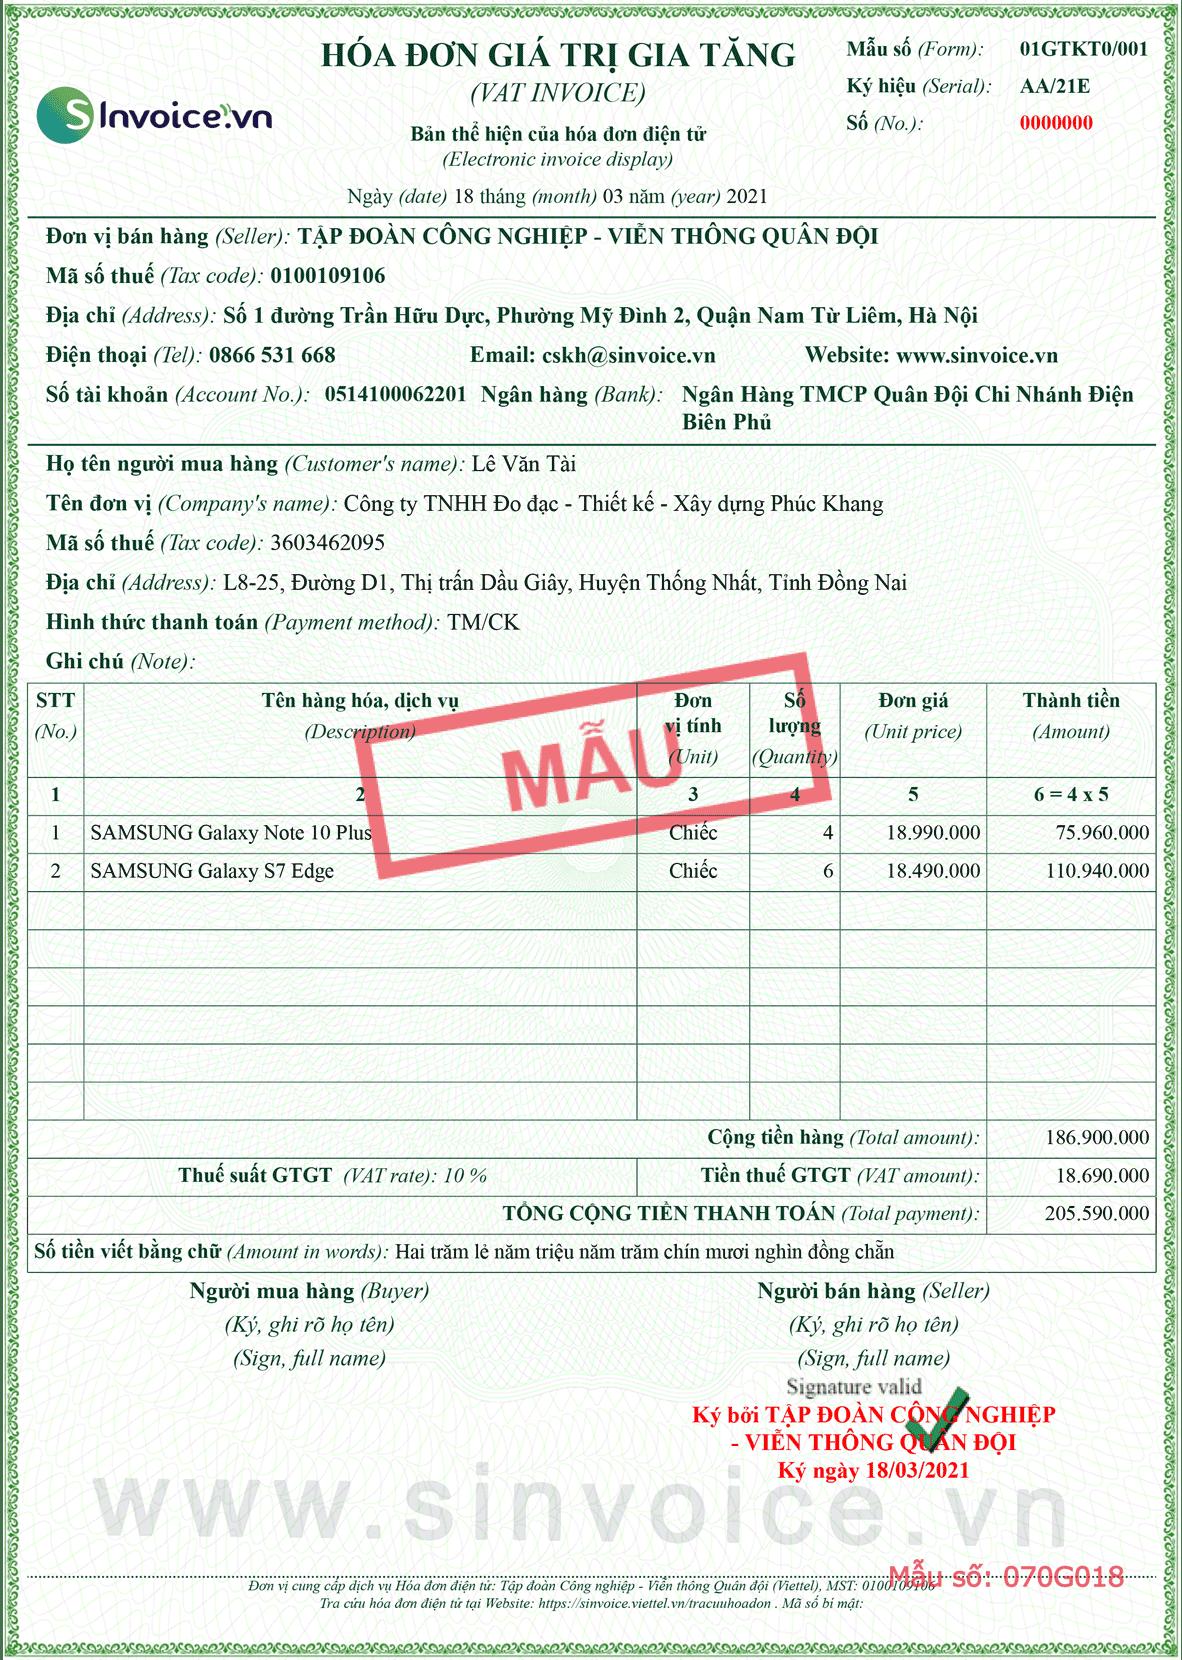 Mẫu hóa đơn điện tử số 070G018